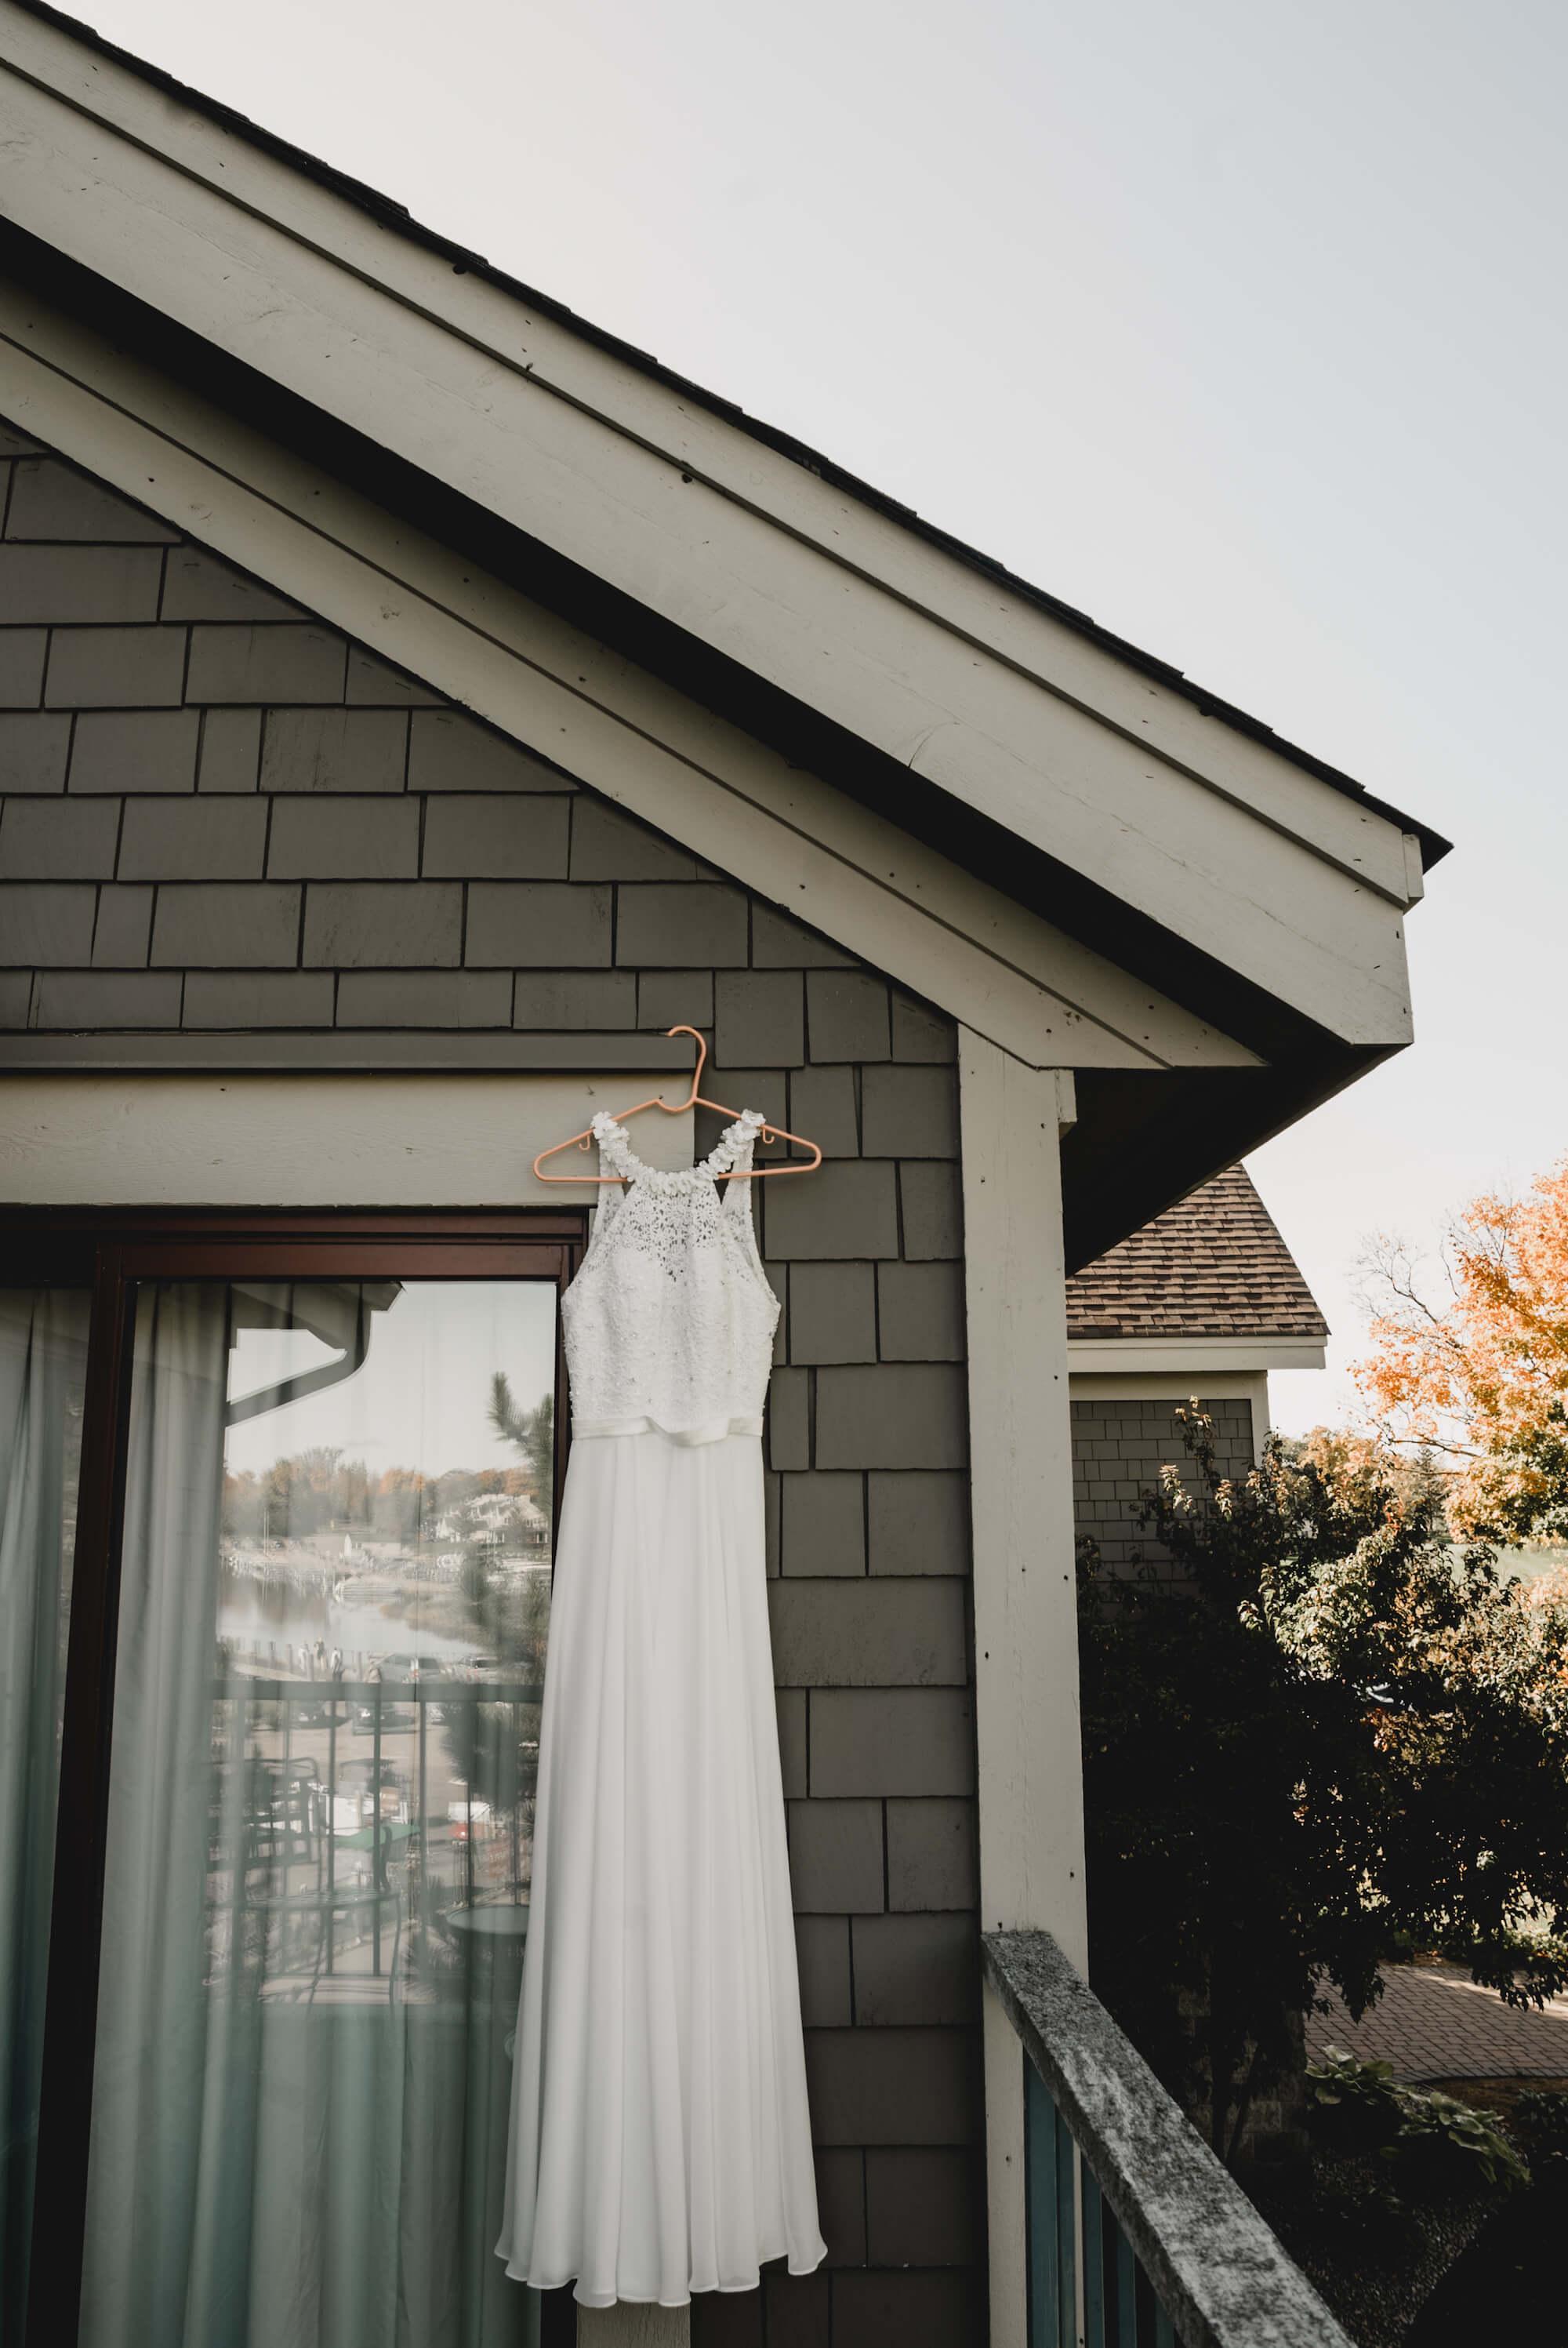 engle-olson-tammy-marc-wedding-1.jpg